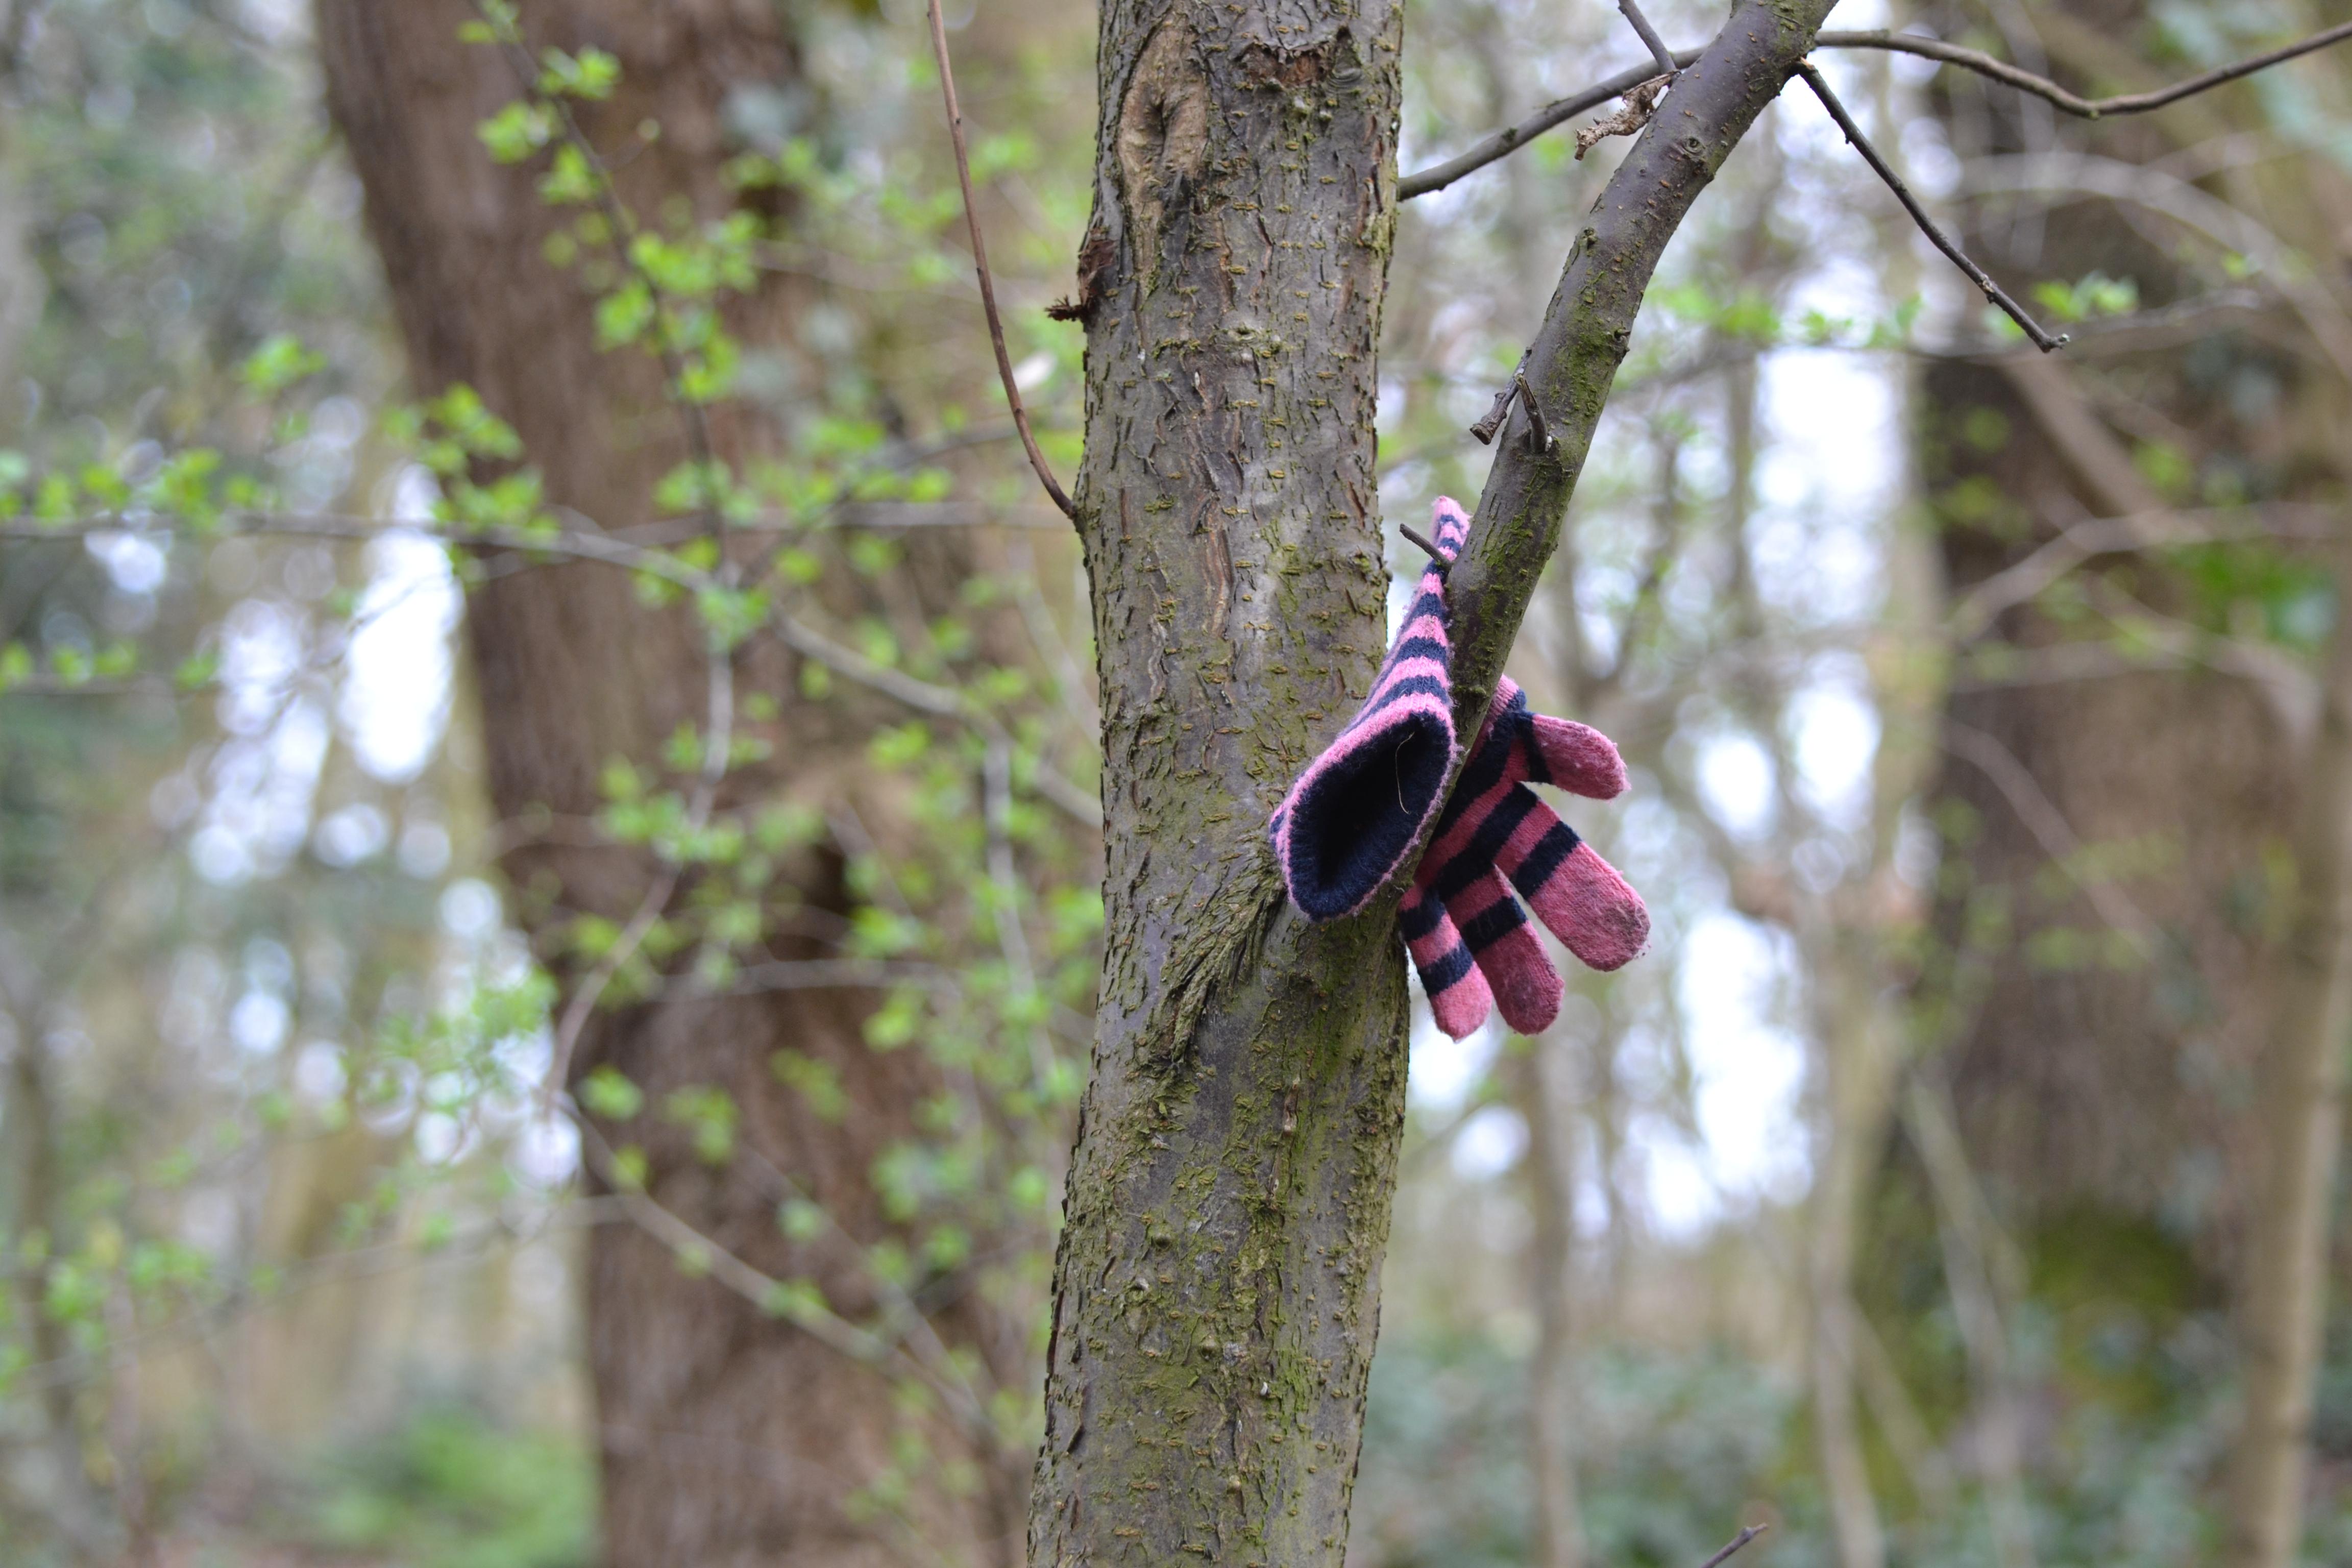 Stripey glove